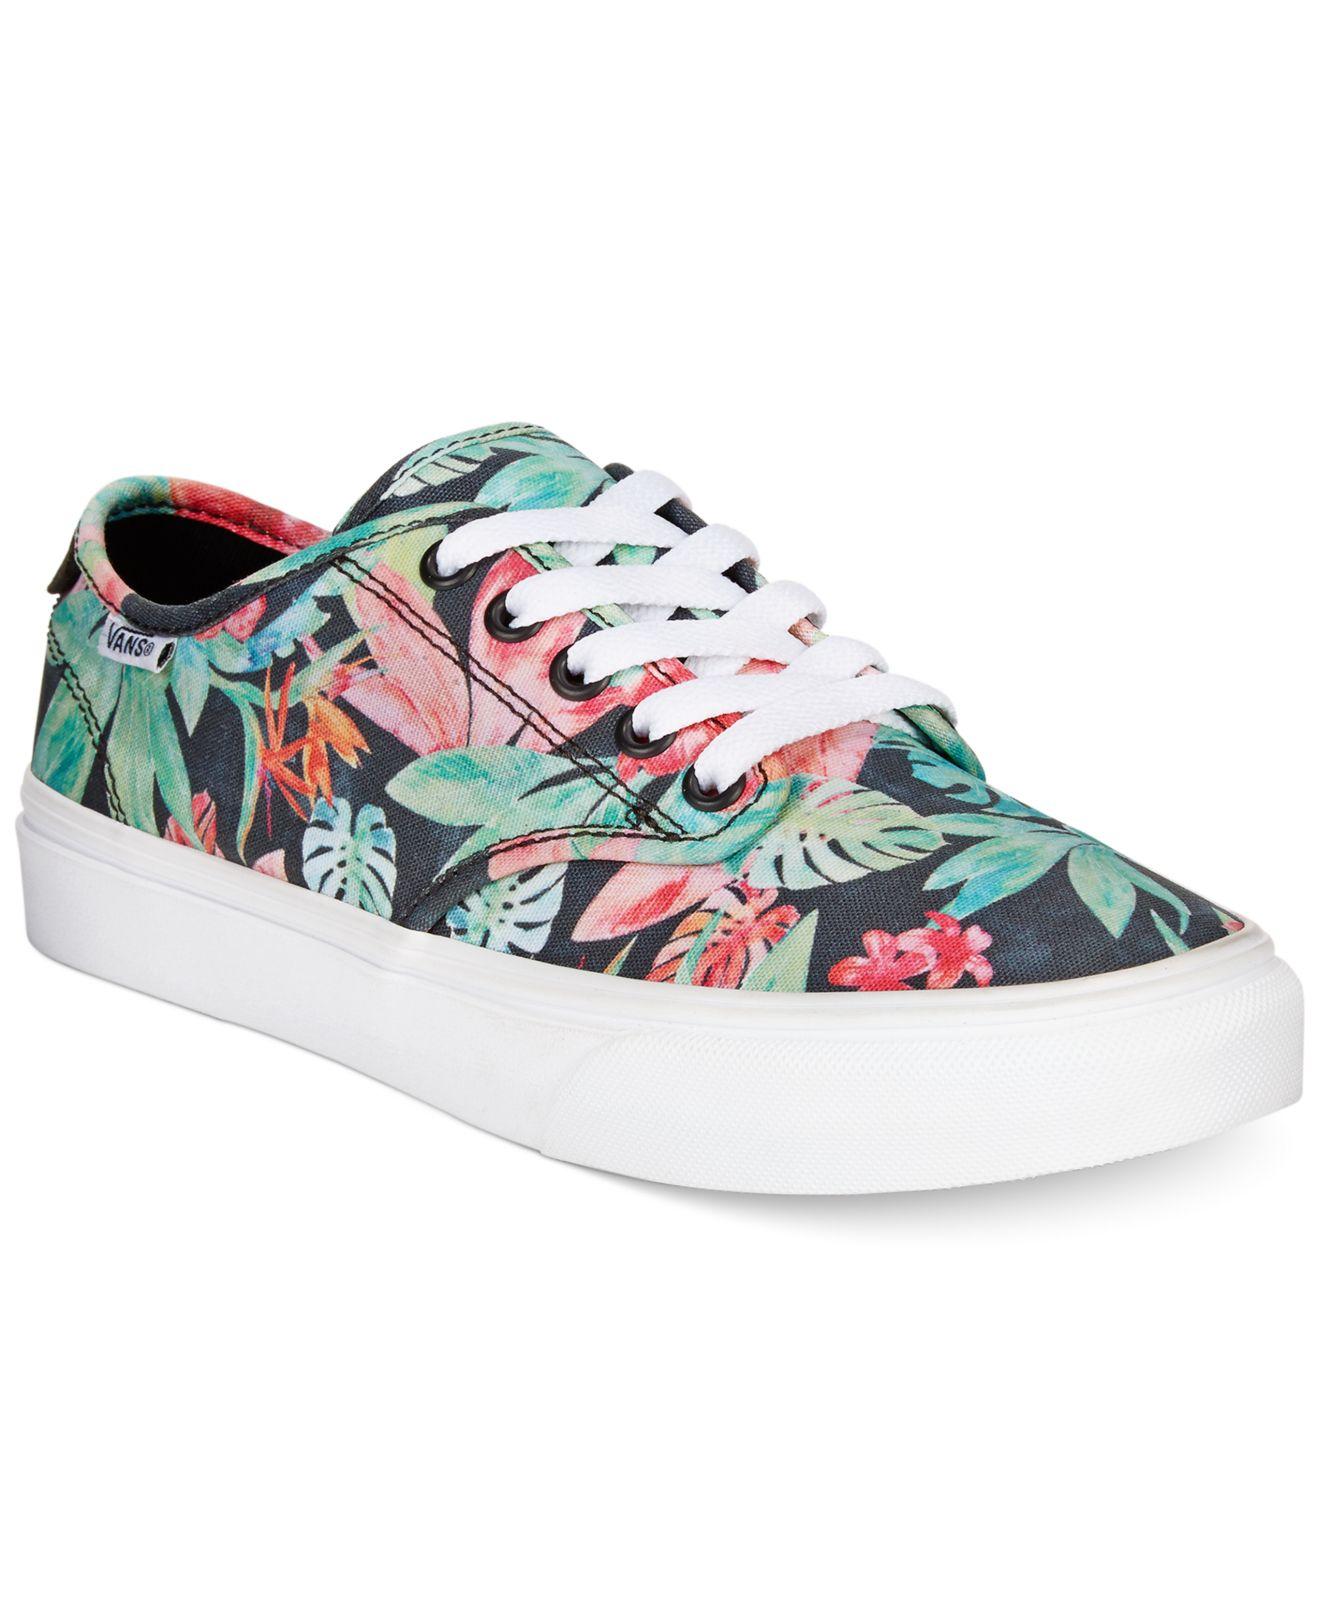 63a3ebf07f Vans Women s Camden Lace Lyst Up Sneakers SMjVLzqUpG